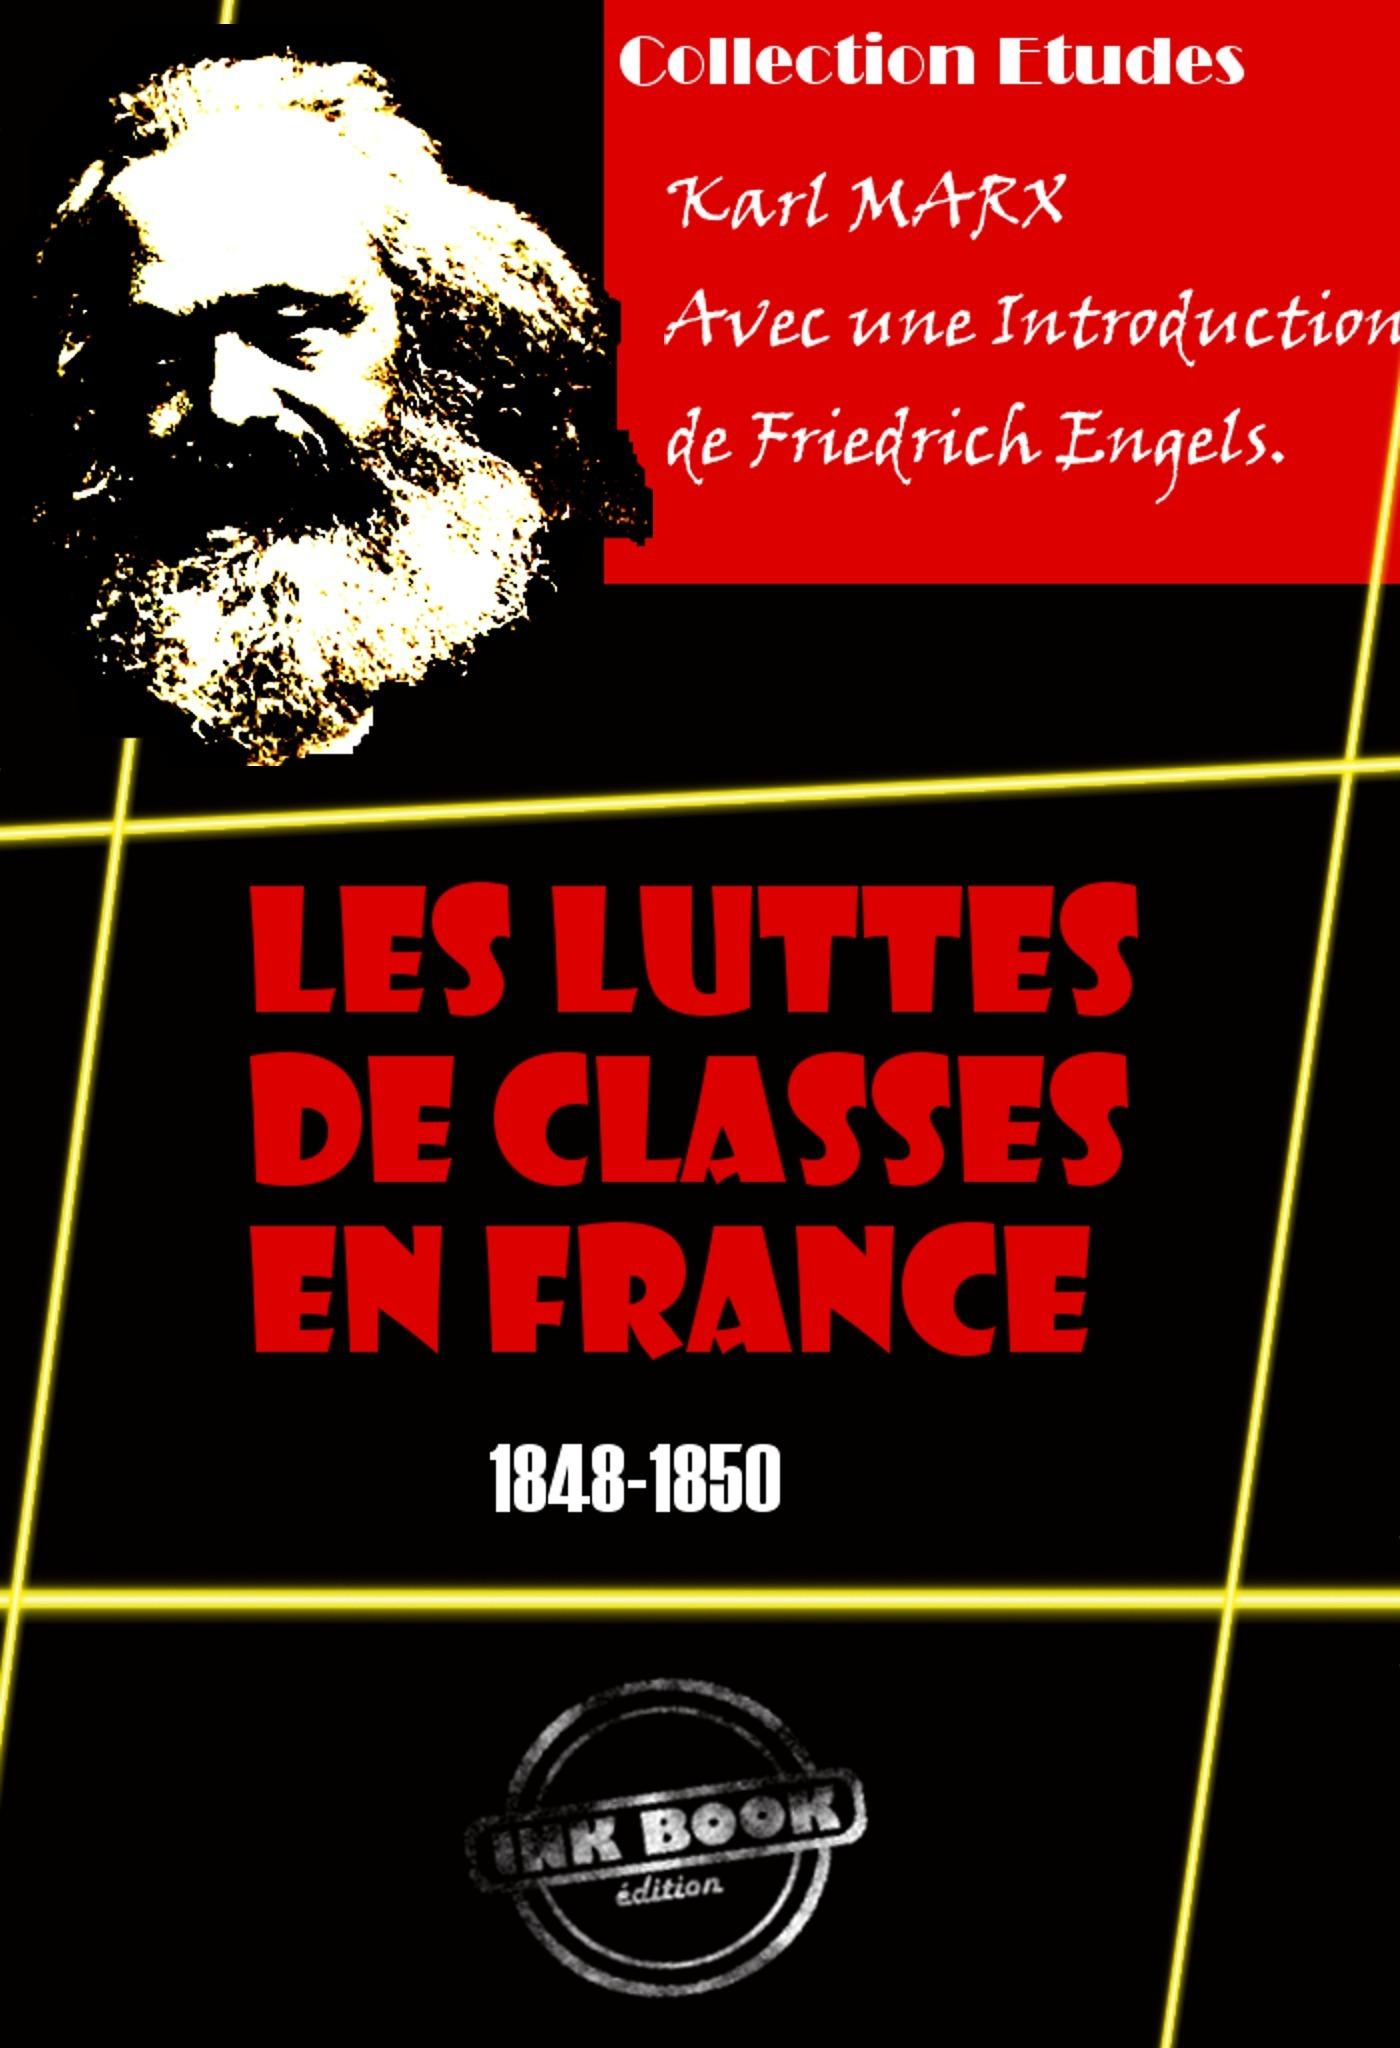 Les luttes de classes en France (1848-1850)